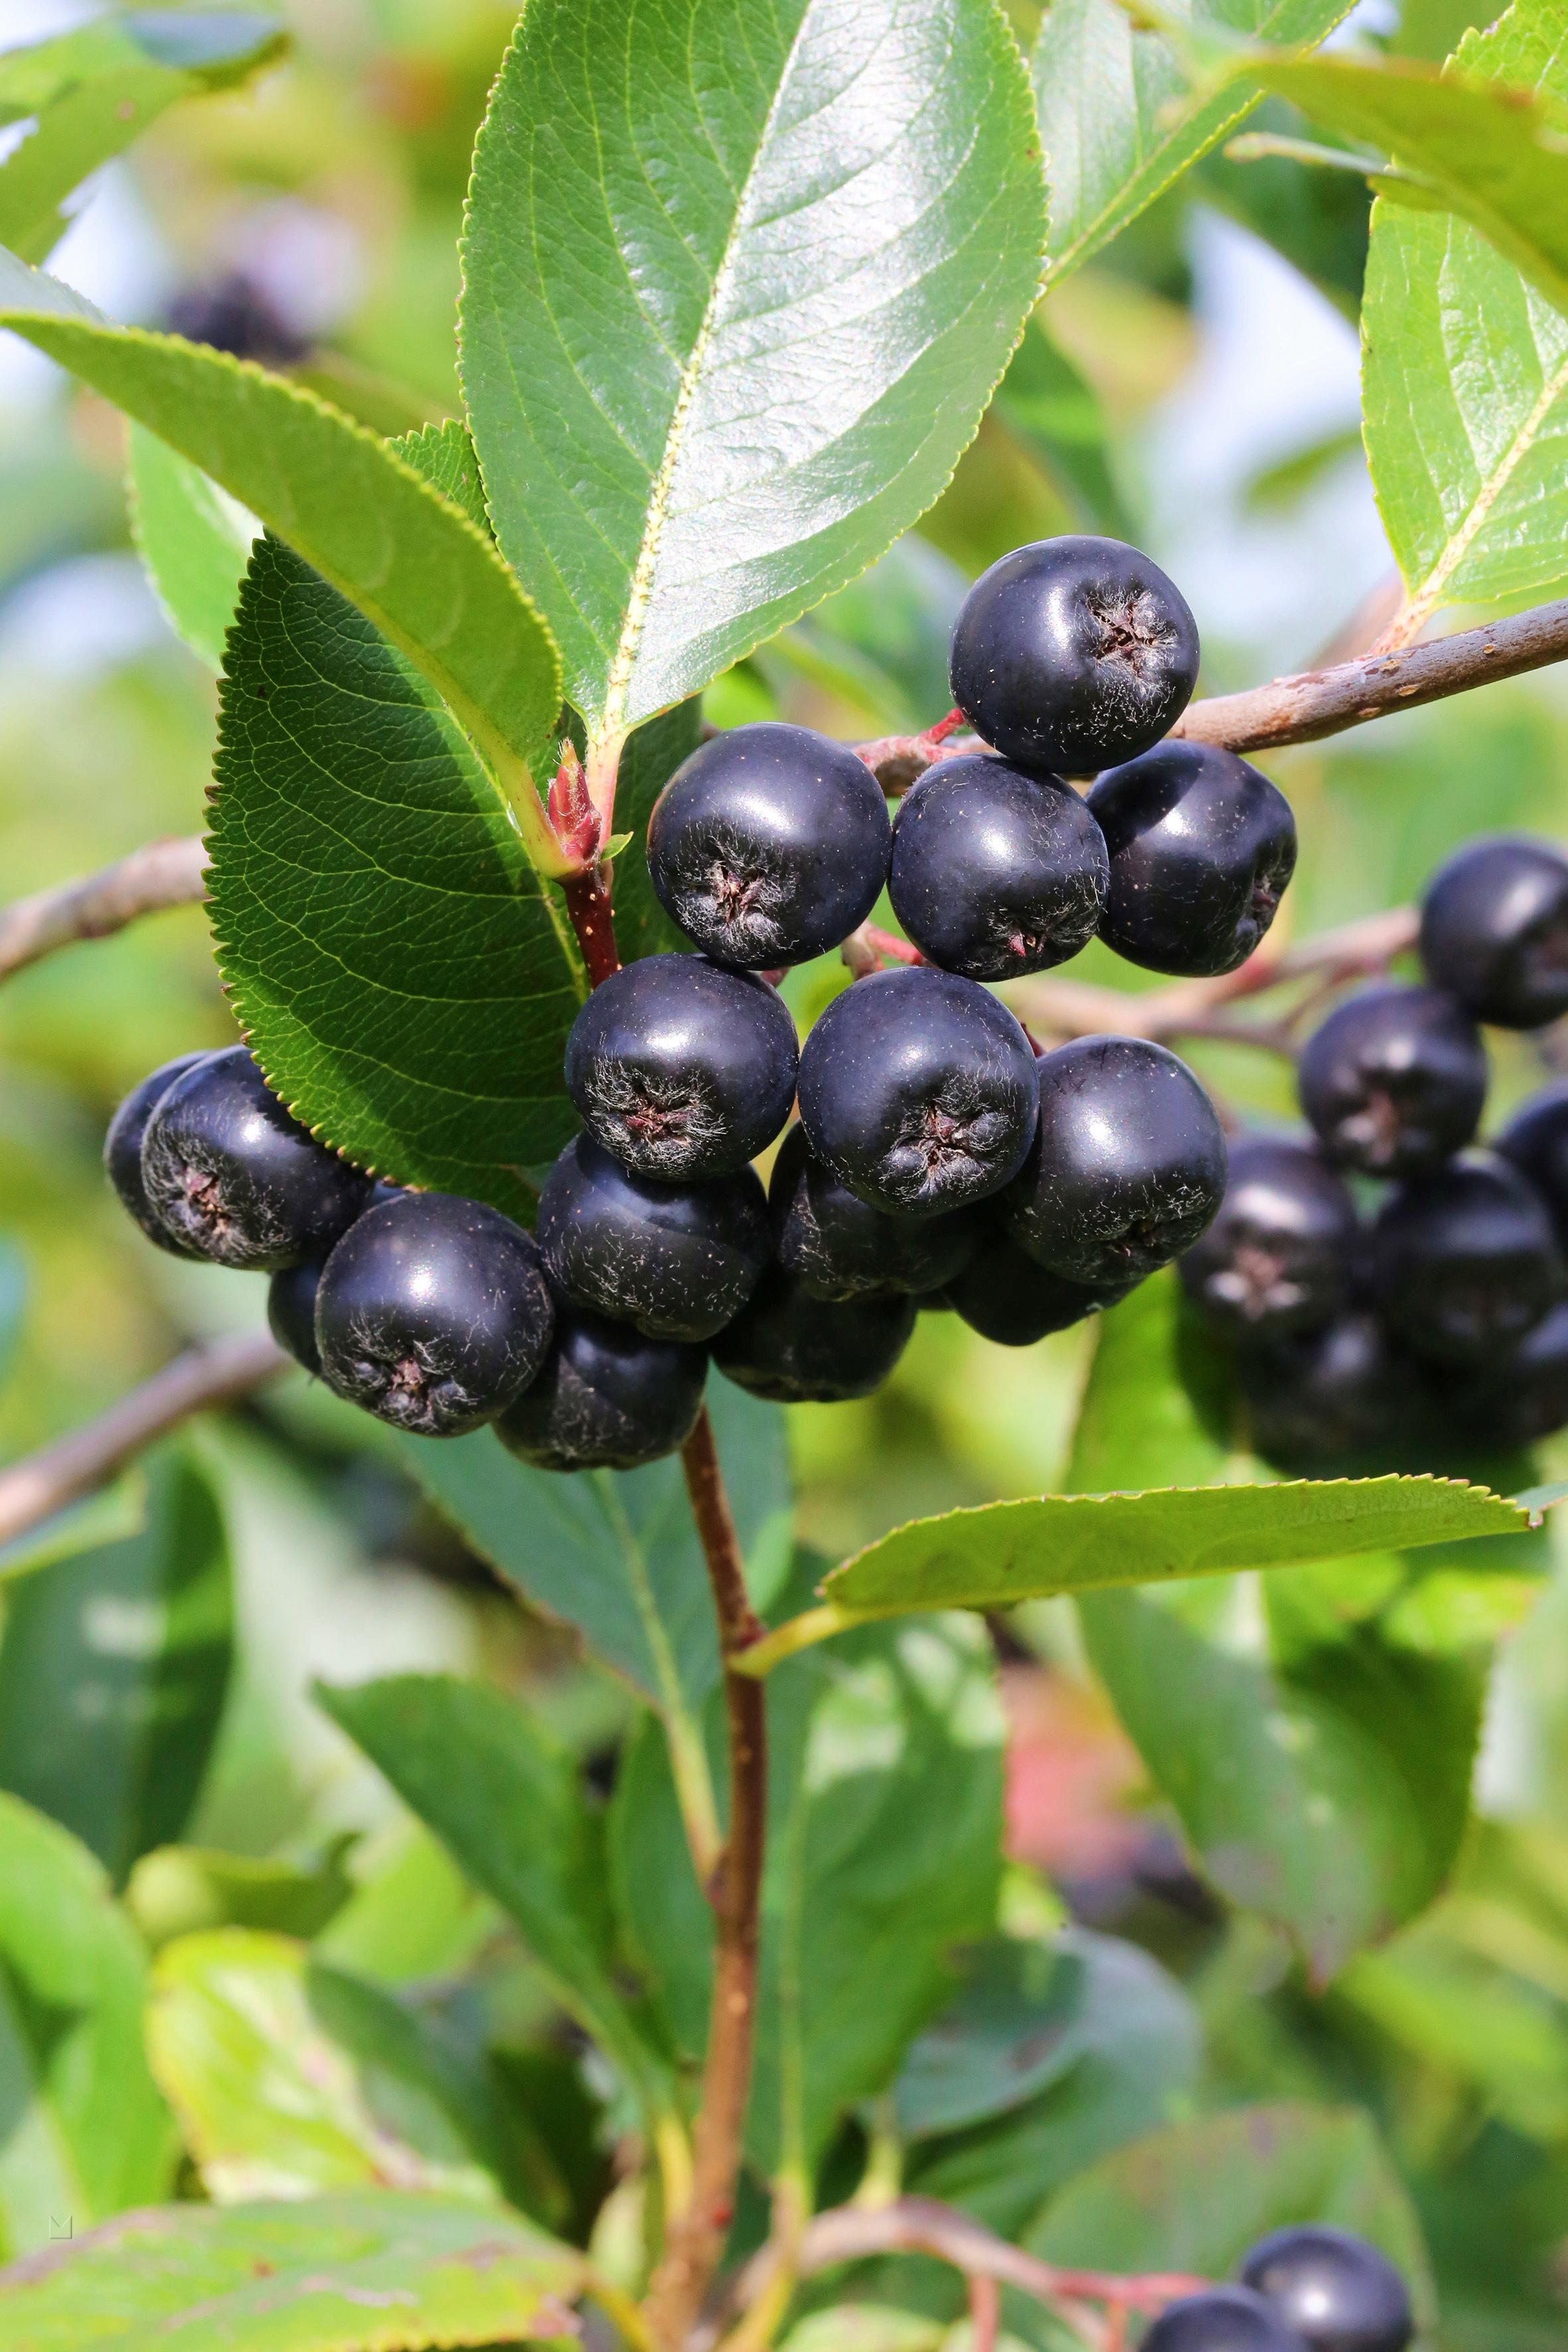 BCM Obstpflanze Apfelbeere melanocarpa 'Viking', Lieferhöhe: ca. 60 cm, 1 Pflanze weiß Pflanzen Garten Balkon